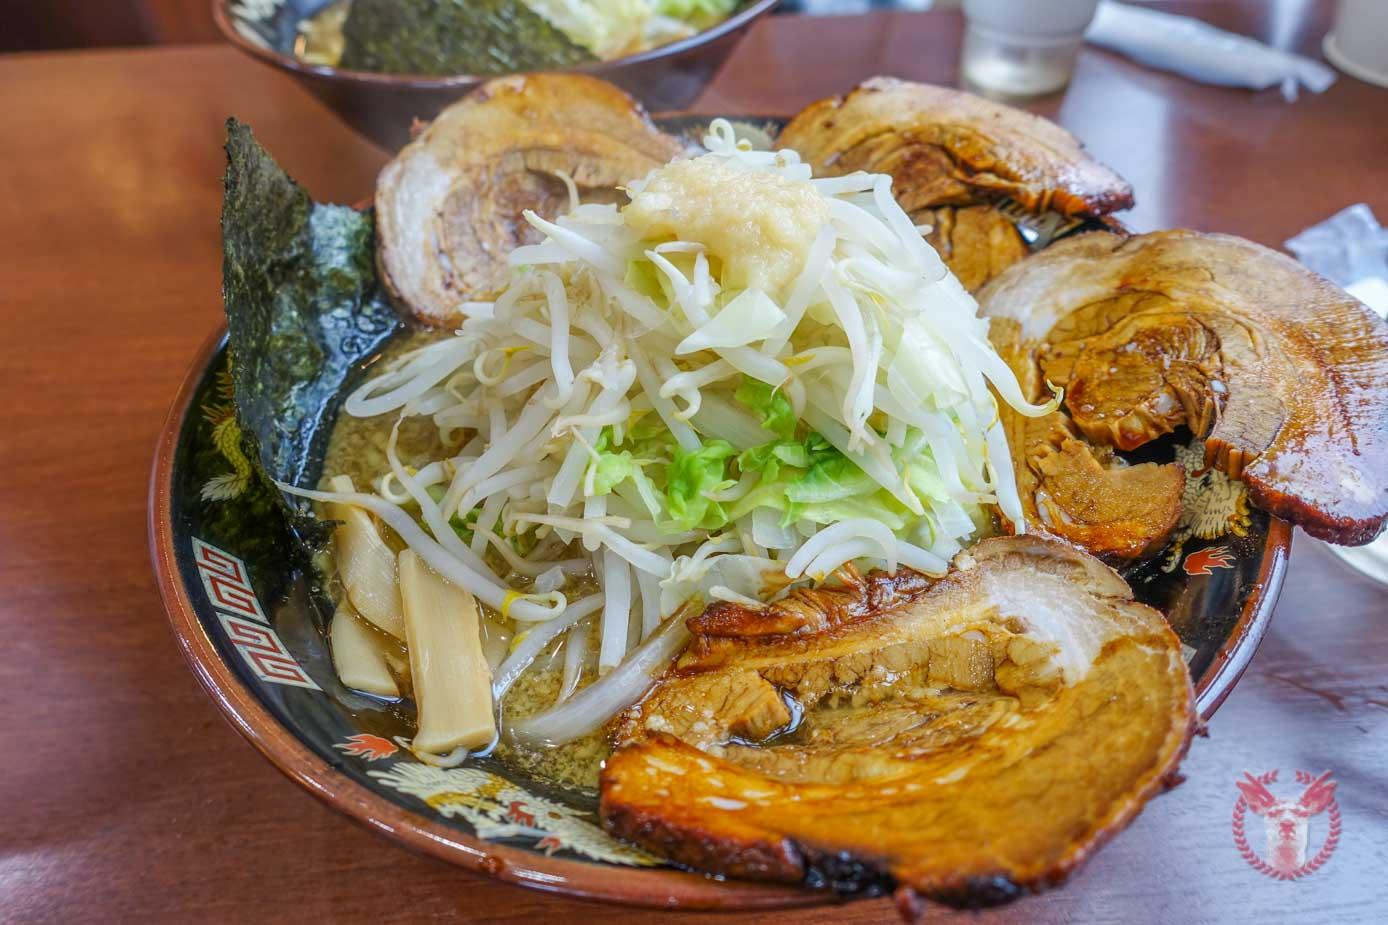 Shoken tamashii 5